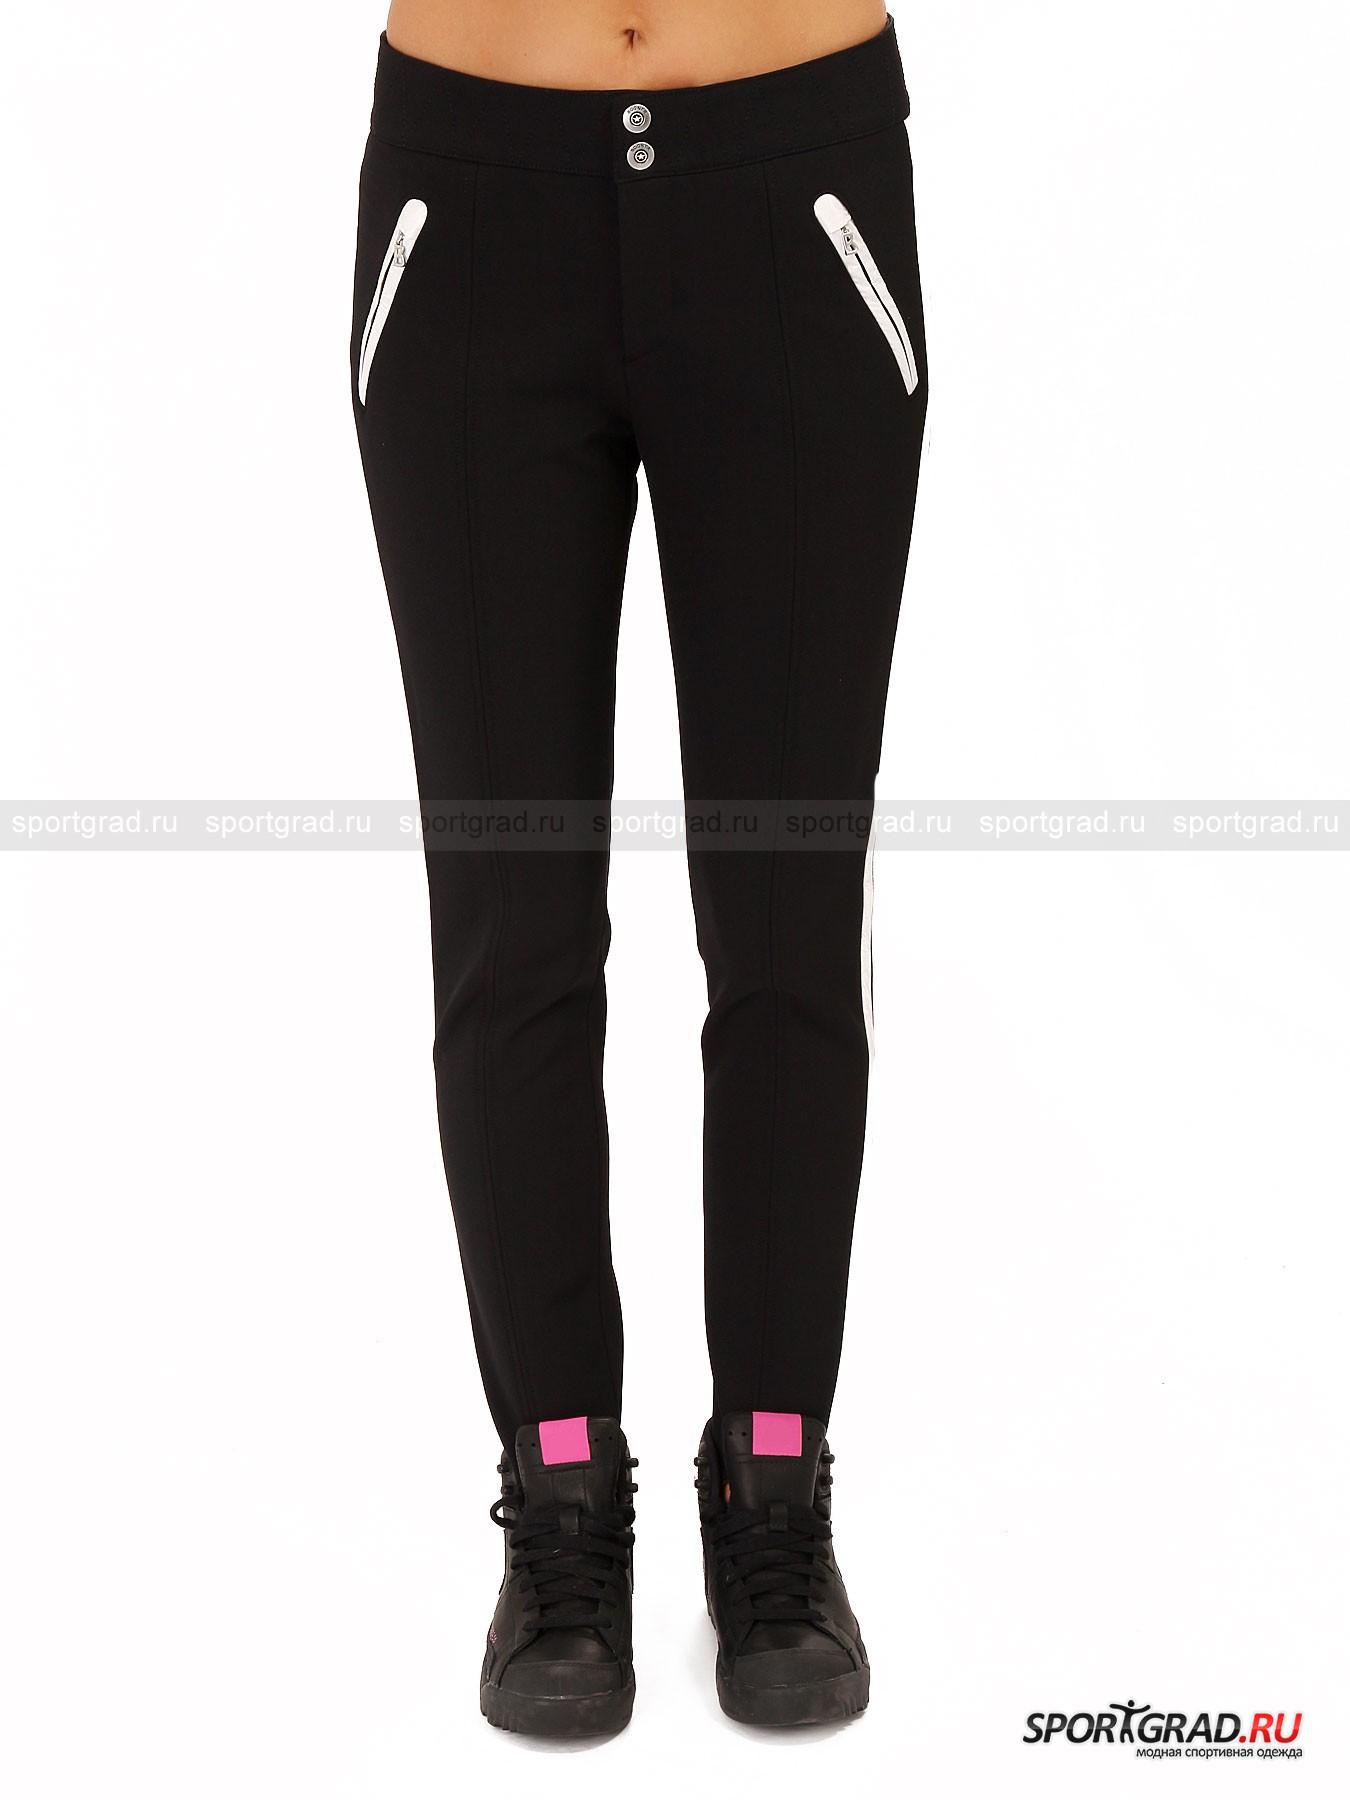 Брюки женские BOGNER LiliБрюки<br>Спортивная одежда немецкой компании Bogner считается передовой не только в области практичности, но и стиля. <br><br>Невероятно комфортные женские брюки Lili отлично подойдут для катания на коньках солнечными зимними днями. Эластичная основа  и уплотненная структура обеспечат долговечность ткани, благодаря чему ни одно падение не сможет сказаться на материале. Брюки великолепно сидят на теле и не сковывают движения. Подойдут они и для катания на лыжах, когда приятная зимняя погода обходится без сильных морозов.<br><br>•Застегиваются на двойной крючок и молнию<br>•Передние карманы на молнии<br>•Манжеты штанин венчают эластичные пятки для лучшей фиксации на ноге<br>•Контрастная отделка карманов и лампас штанин<br><br>Пол: Женский<br>Возраст: Взрослый<br>Тип: Брюки<br>Рекомендации по уходу: Деликатная стирка при 30С, не отбеливать, не сушить в барабане стиральной машины, гладить при температуре 110С, химчистка запрещена.<br>Состав: 48% полиамид/47% вискоза/5% эластан.